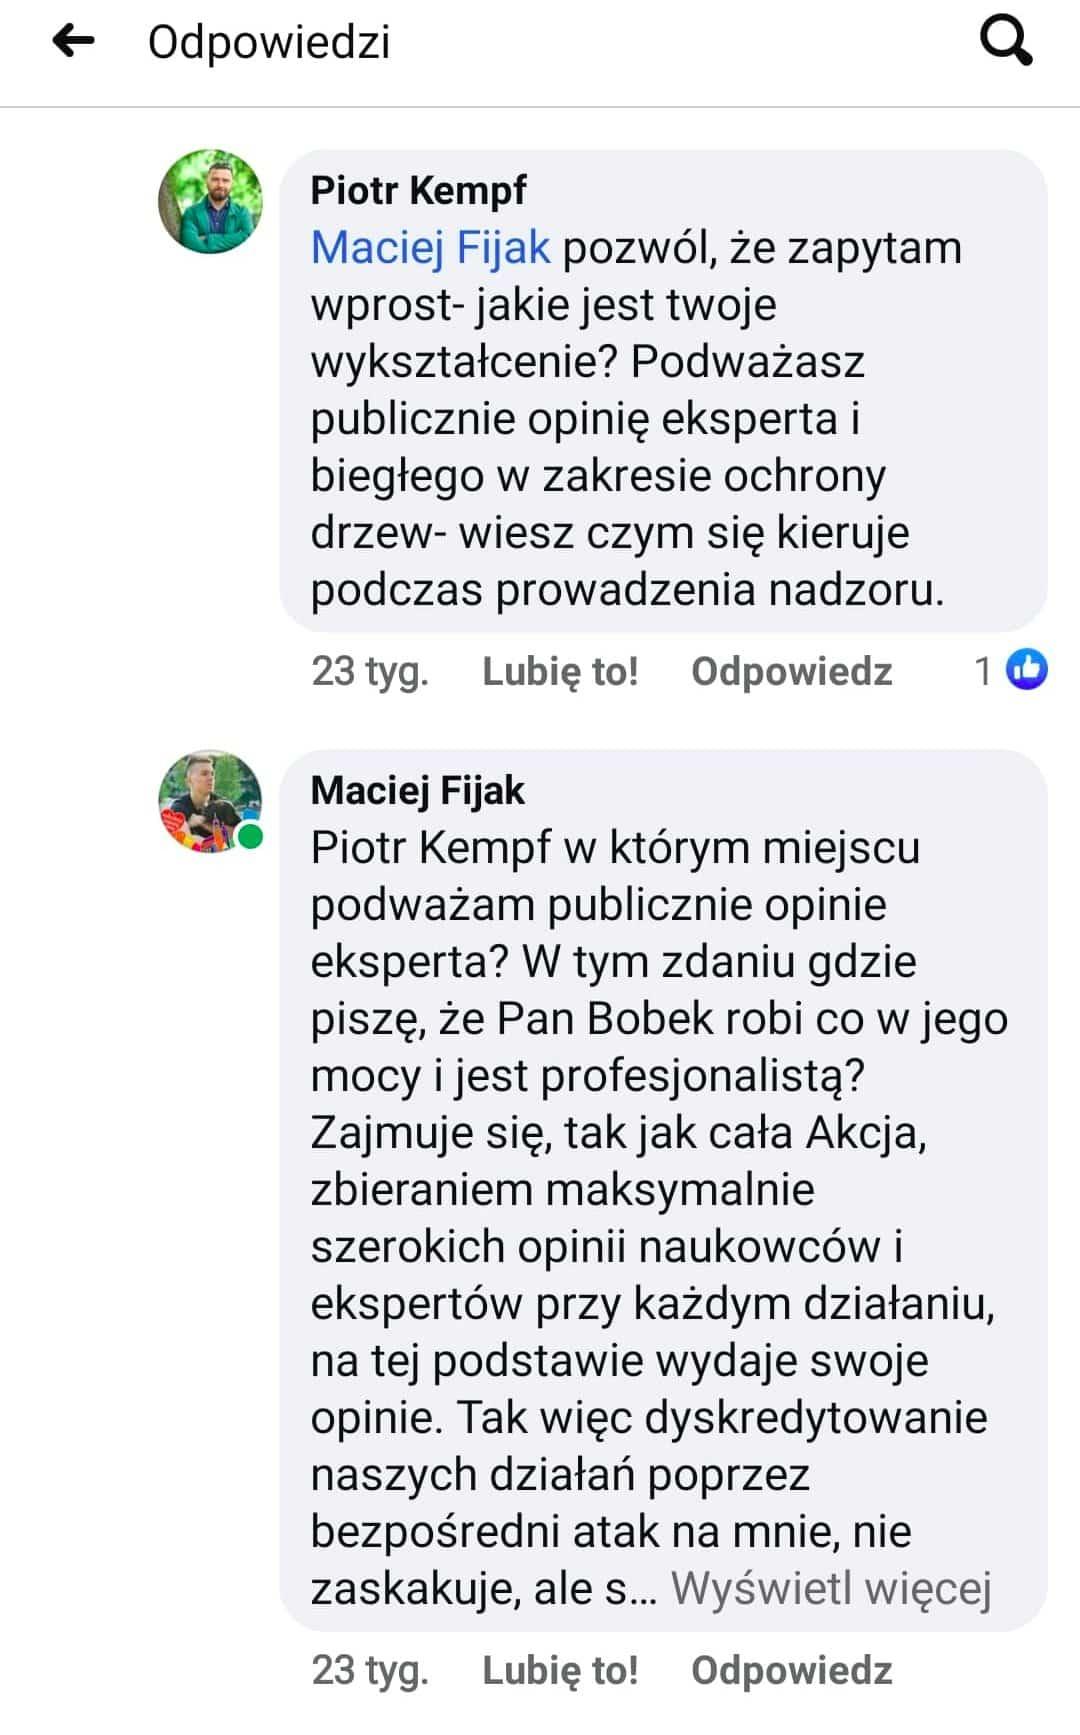 Rozmowa krakowskiego urzędnika z Maciejem Fijakiem. Piotr Kempf.